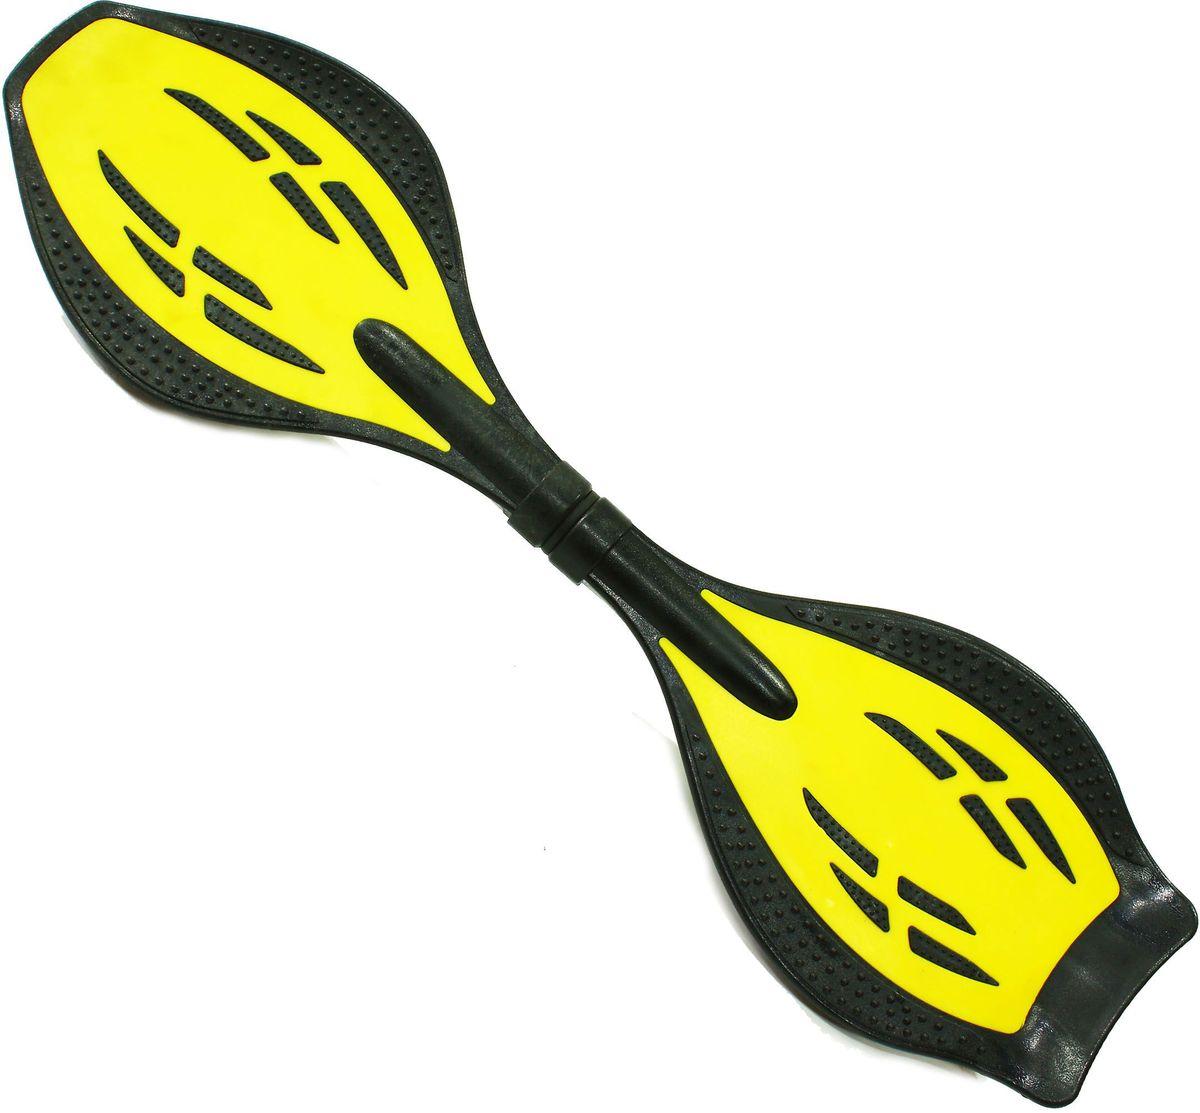 Роллерсерф Dragon Board Junior Destroy, цвет: желтыйво691Габариты: 80 х 21 х 11 см. Вес: 2,4 кг. Нагрузка: до 70 кг. База - ударопрочный ABS пластик. Подшипники - ABEC5. Колеса - полиуретан, 78см, 82А Конструкция - торсионная пружина.